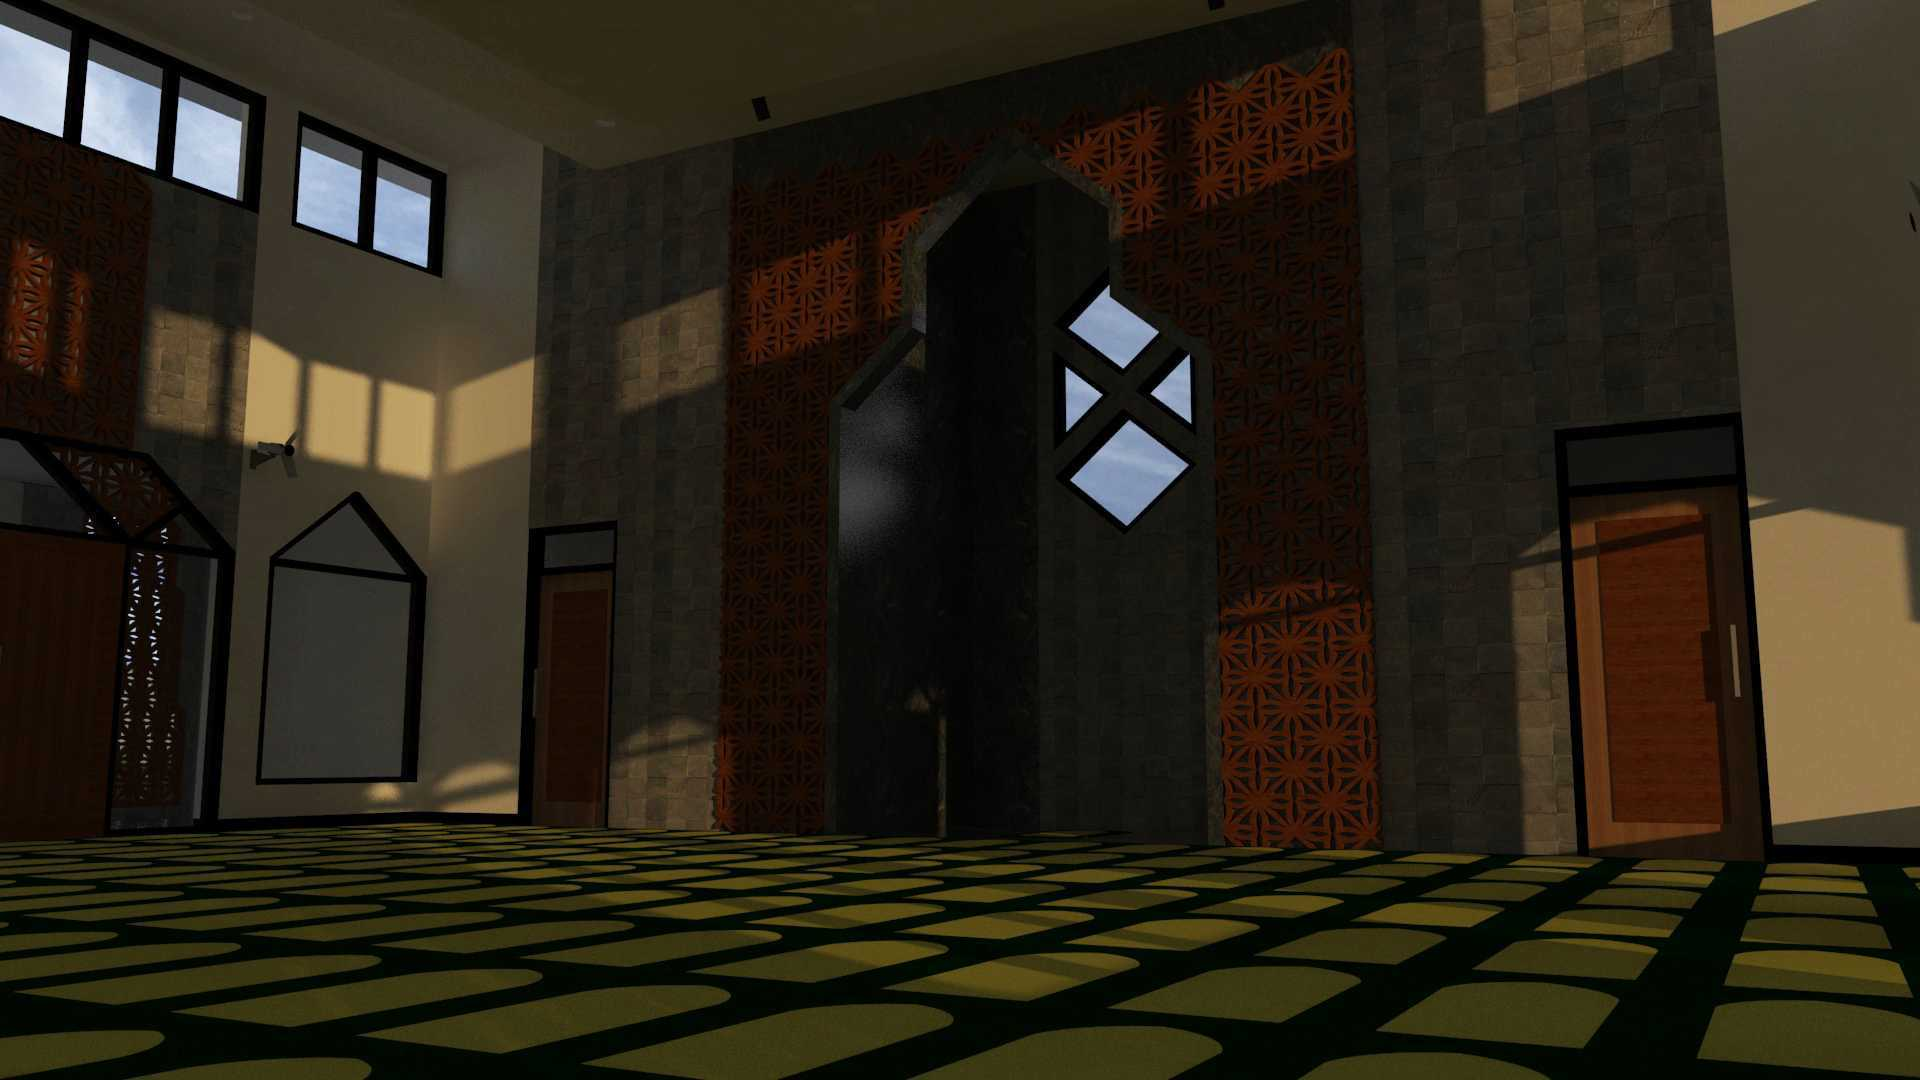 Ilham Gusti Syahadat Masjid Al-Ghaffar Malang, Kota Malang, Jawa Timur, Indonesia Malang, Kota Malang, Jawa Timur, Indonesia Interior Masjid Al-Ghaffar Modern 74381